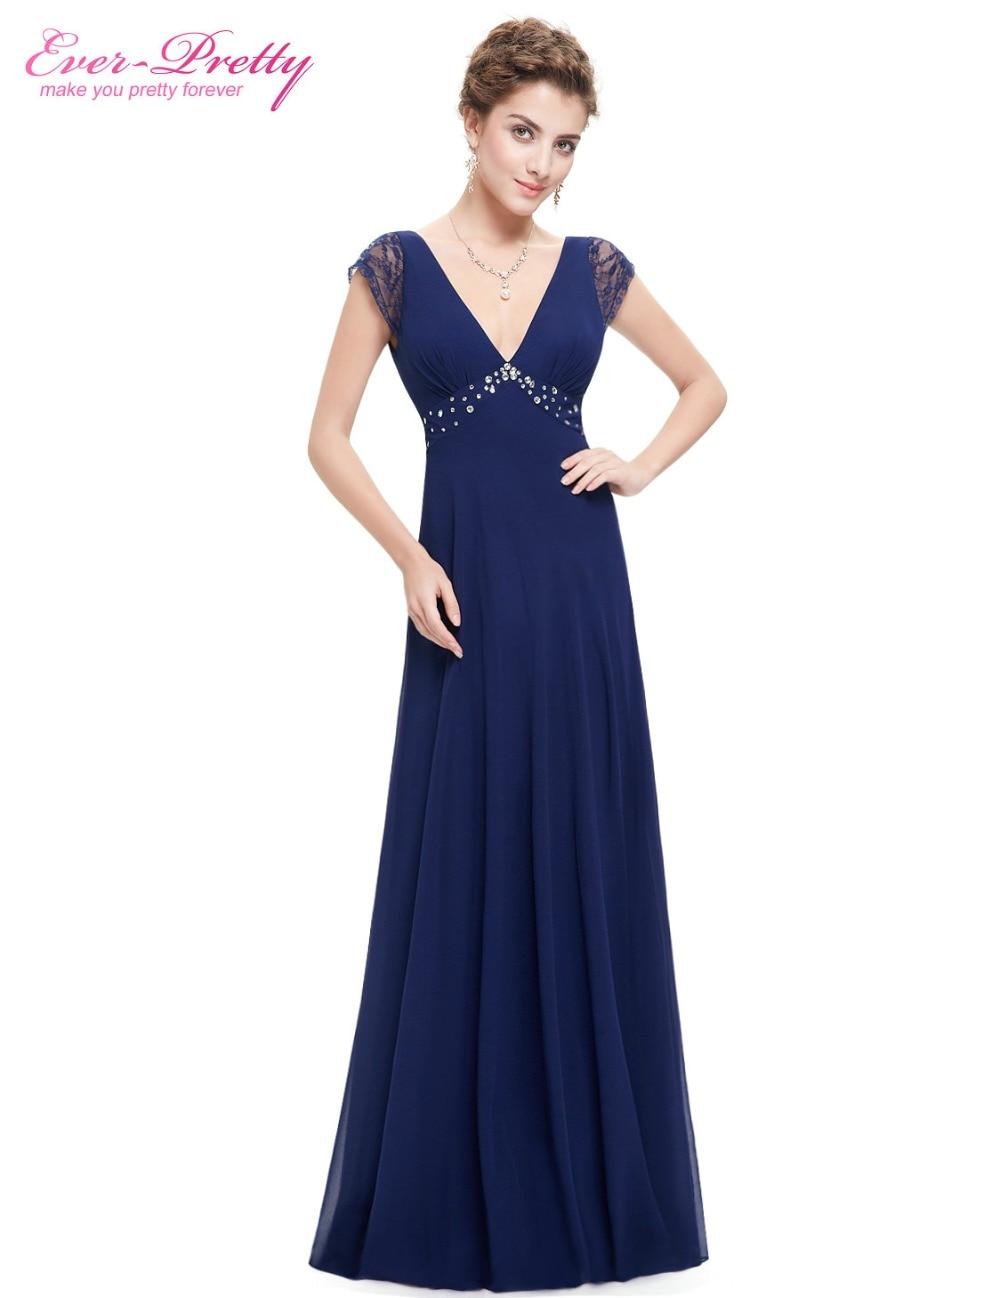 Summer Evening Dresses for Women